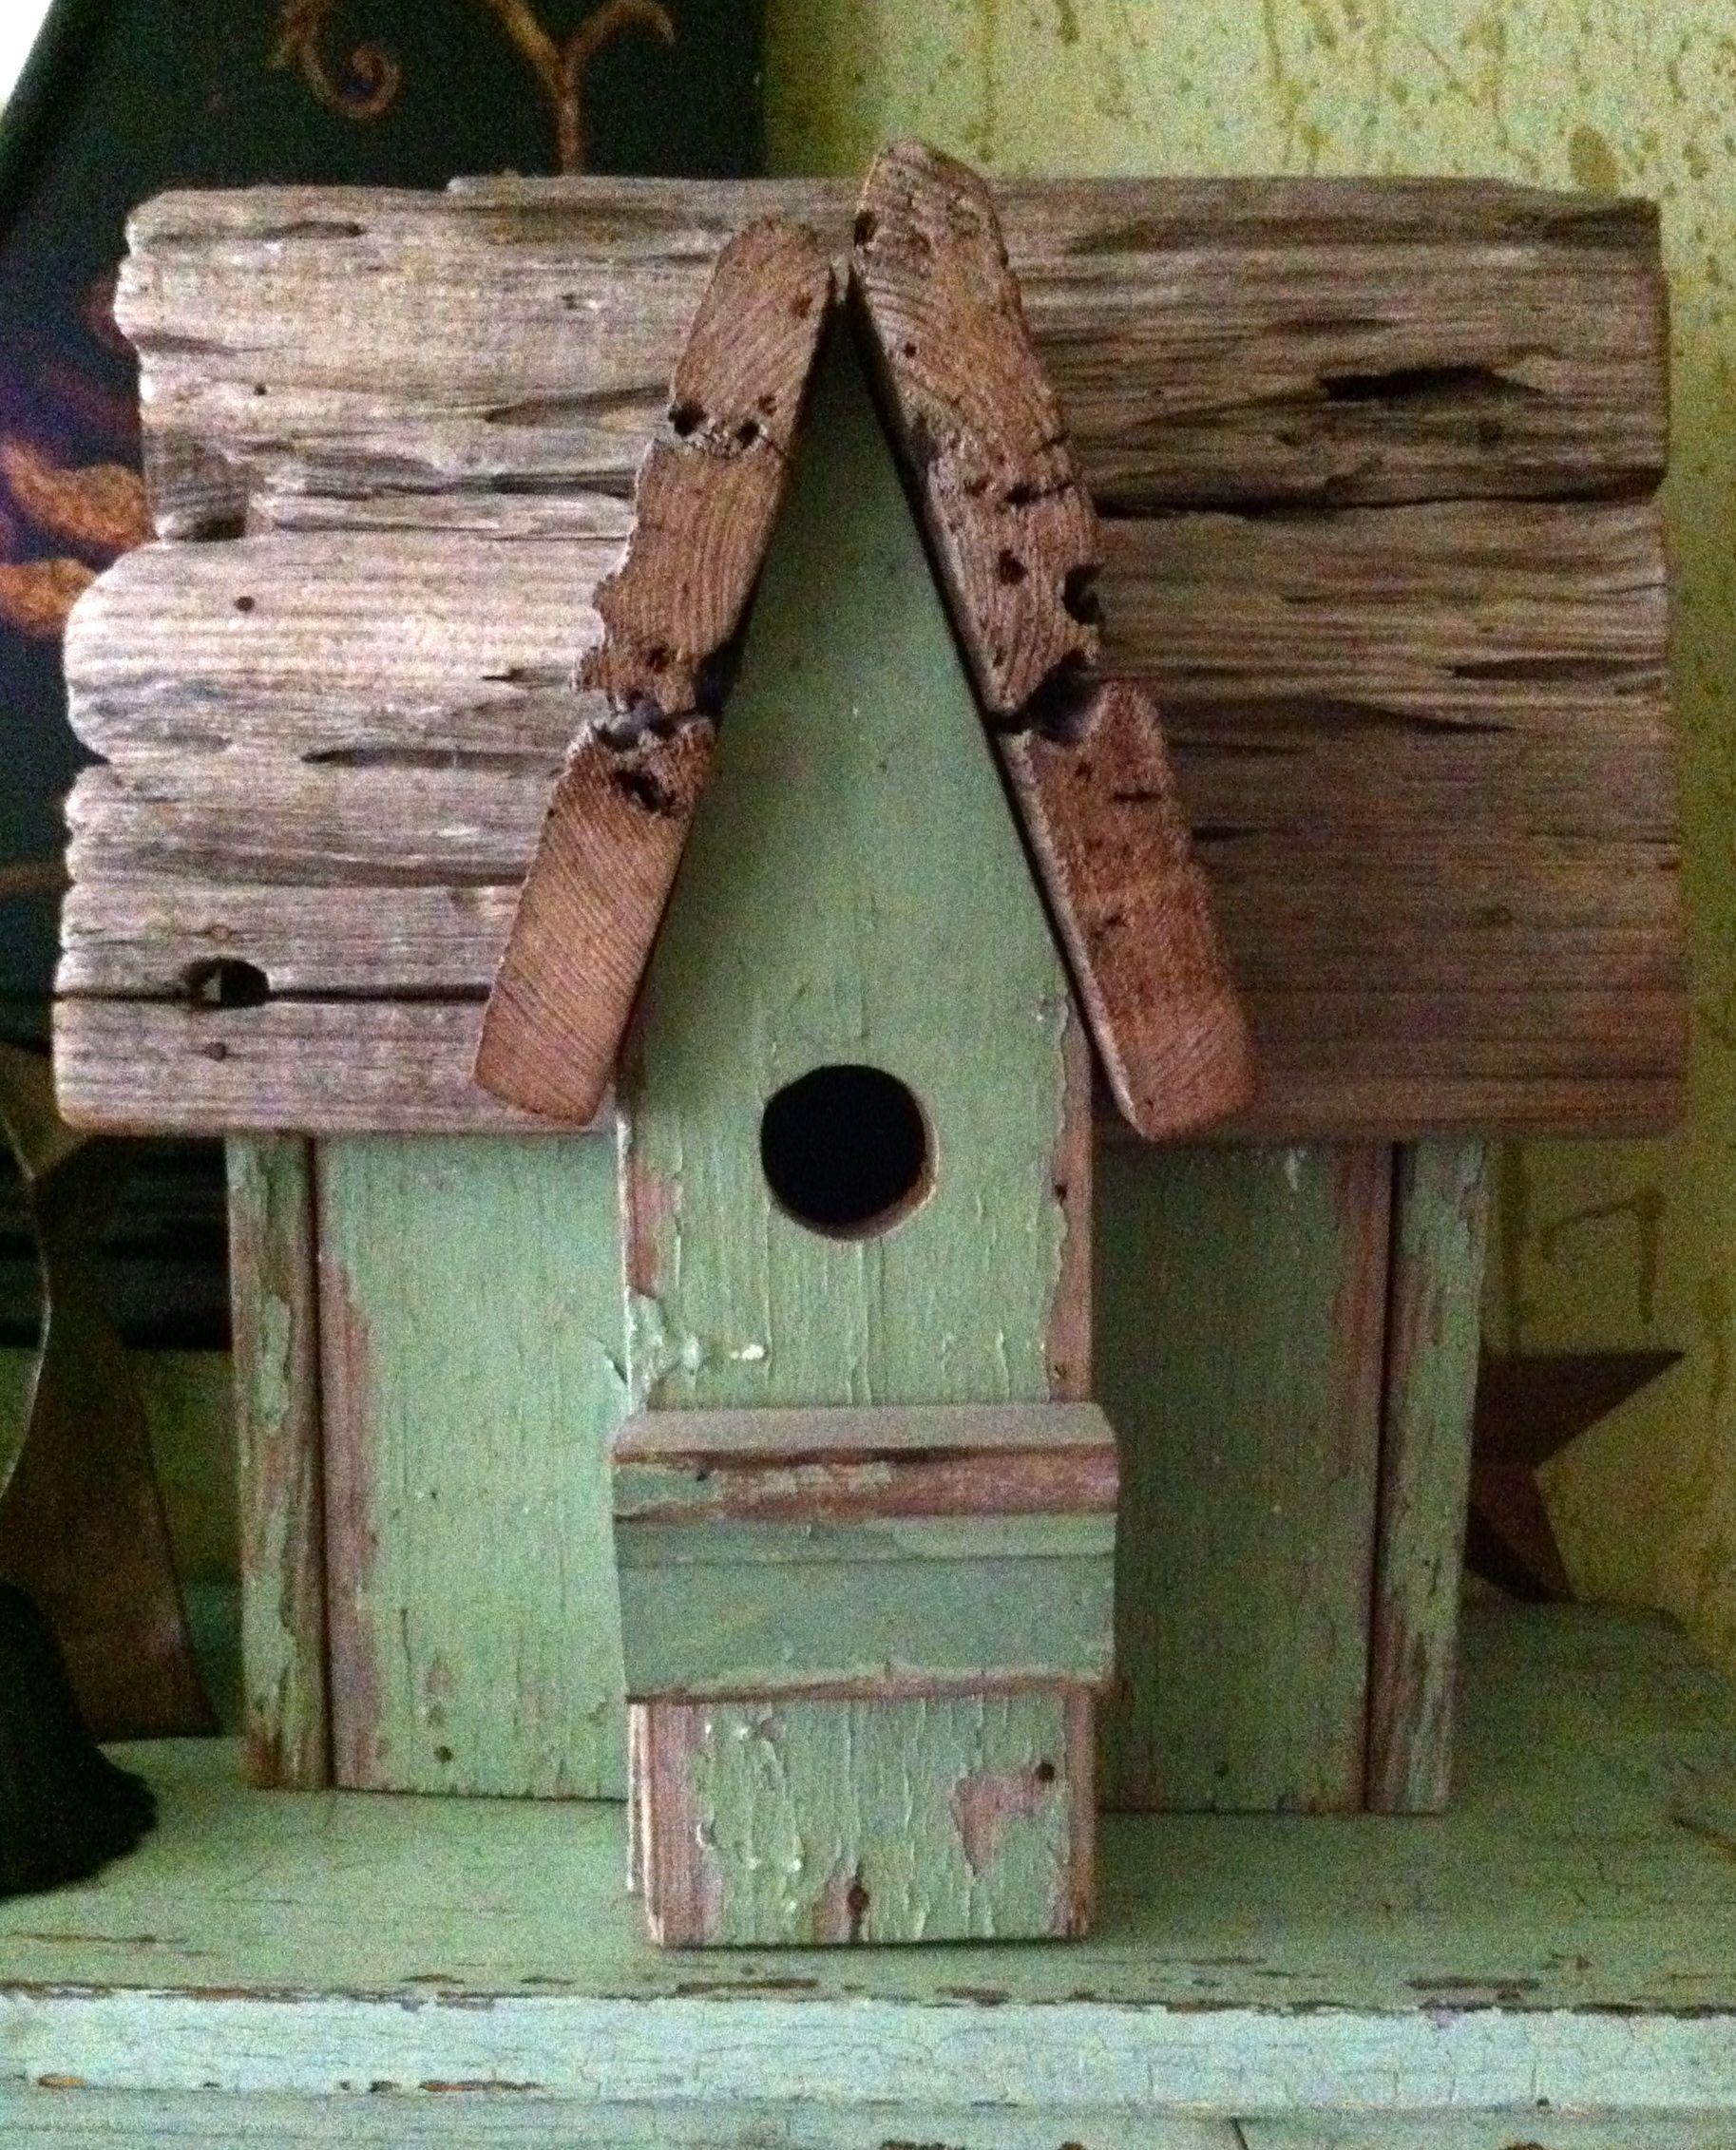 Birdhouse Garden: Rustic Green Birdhouse